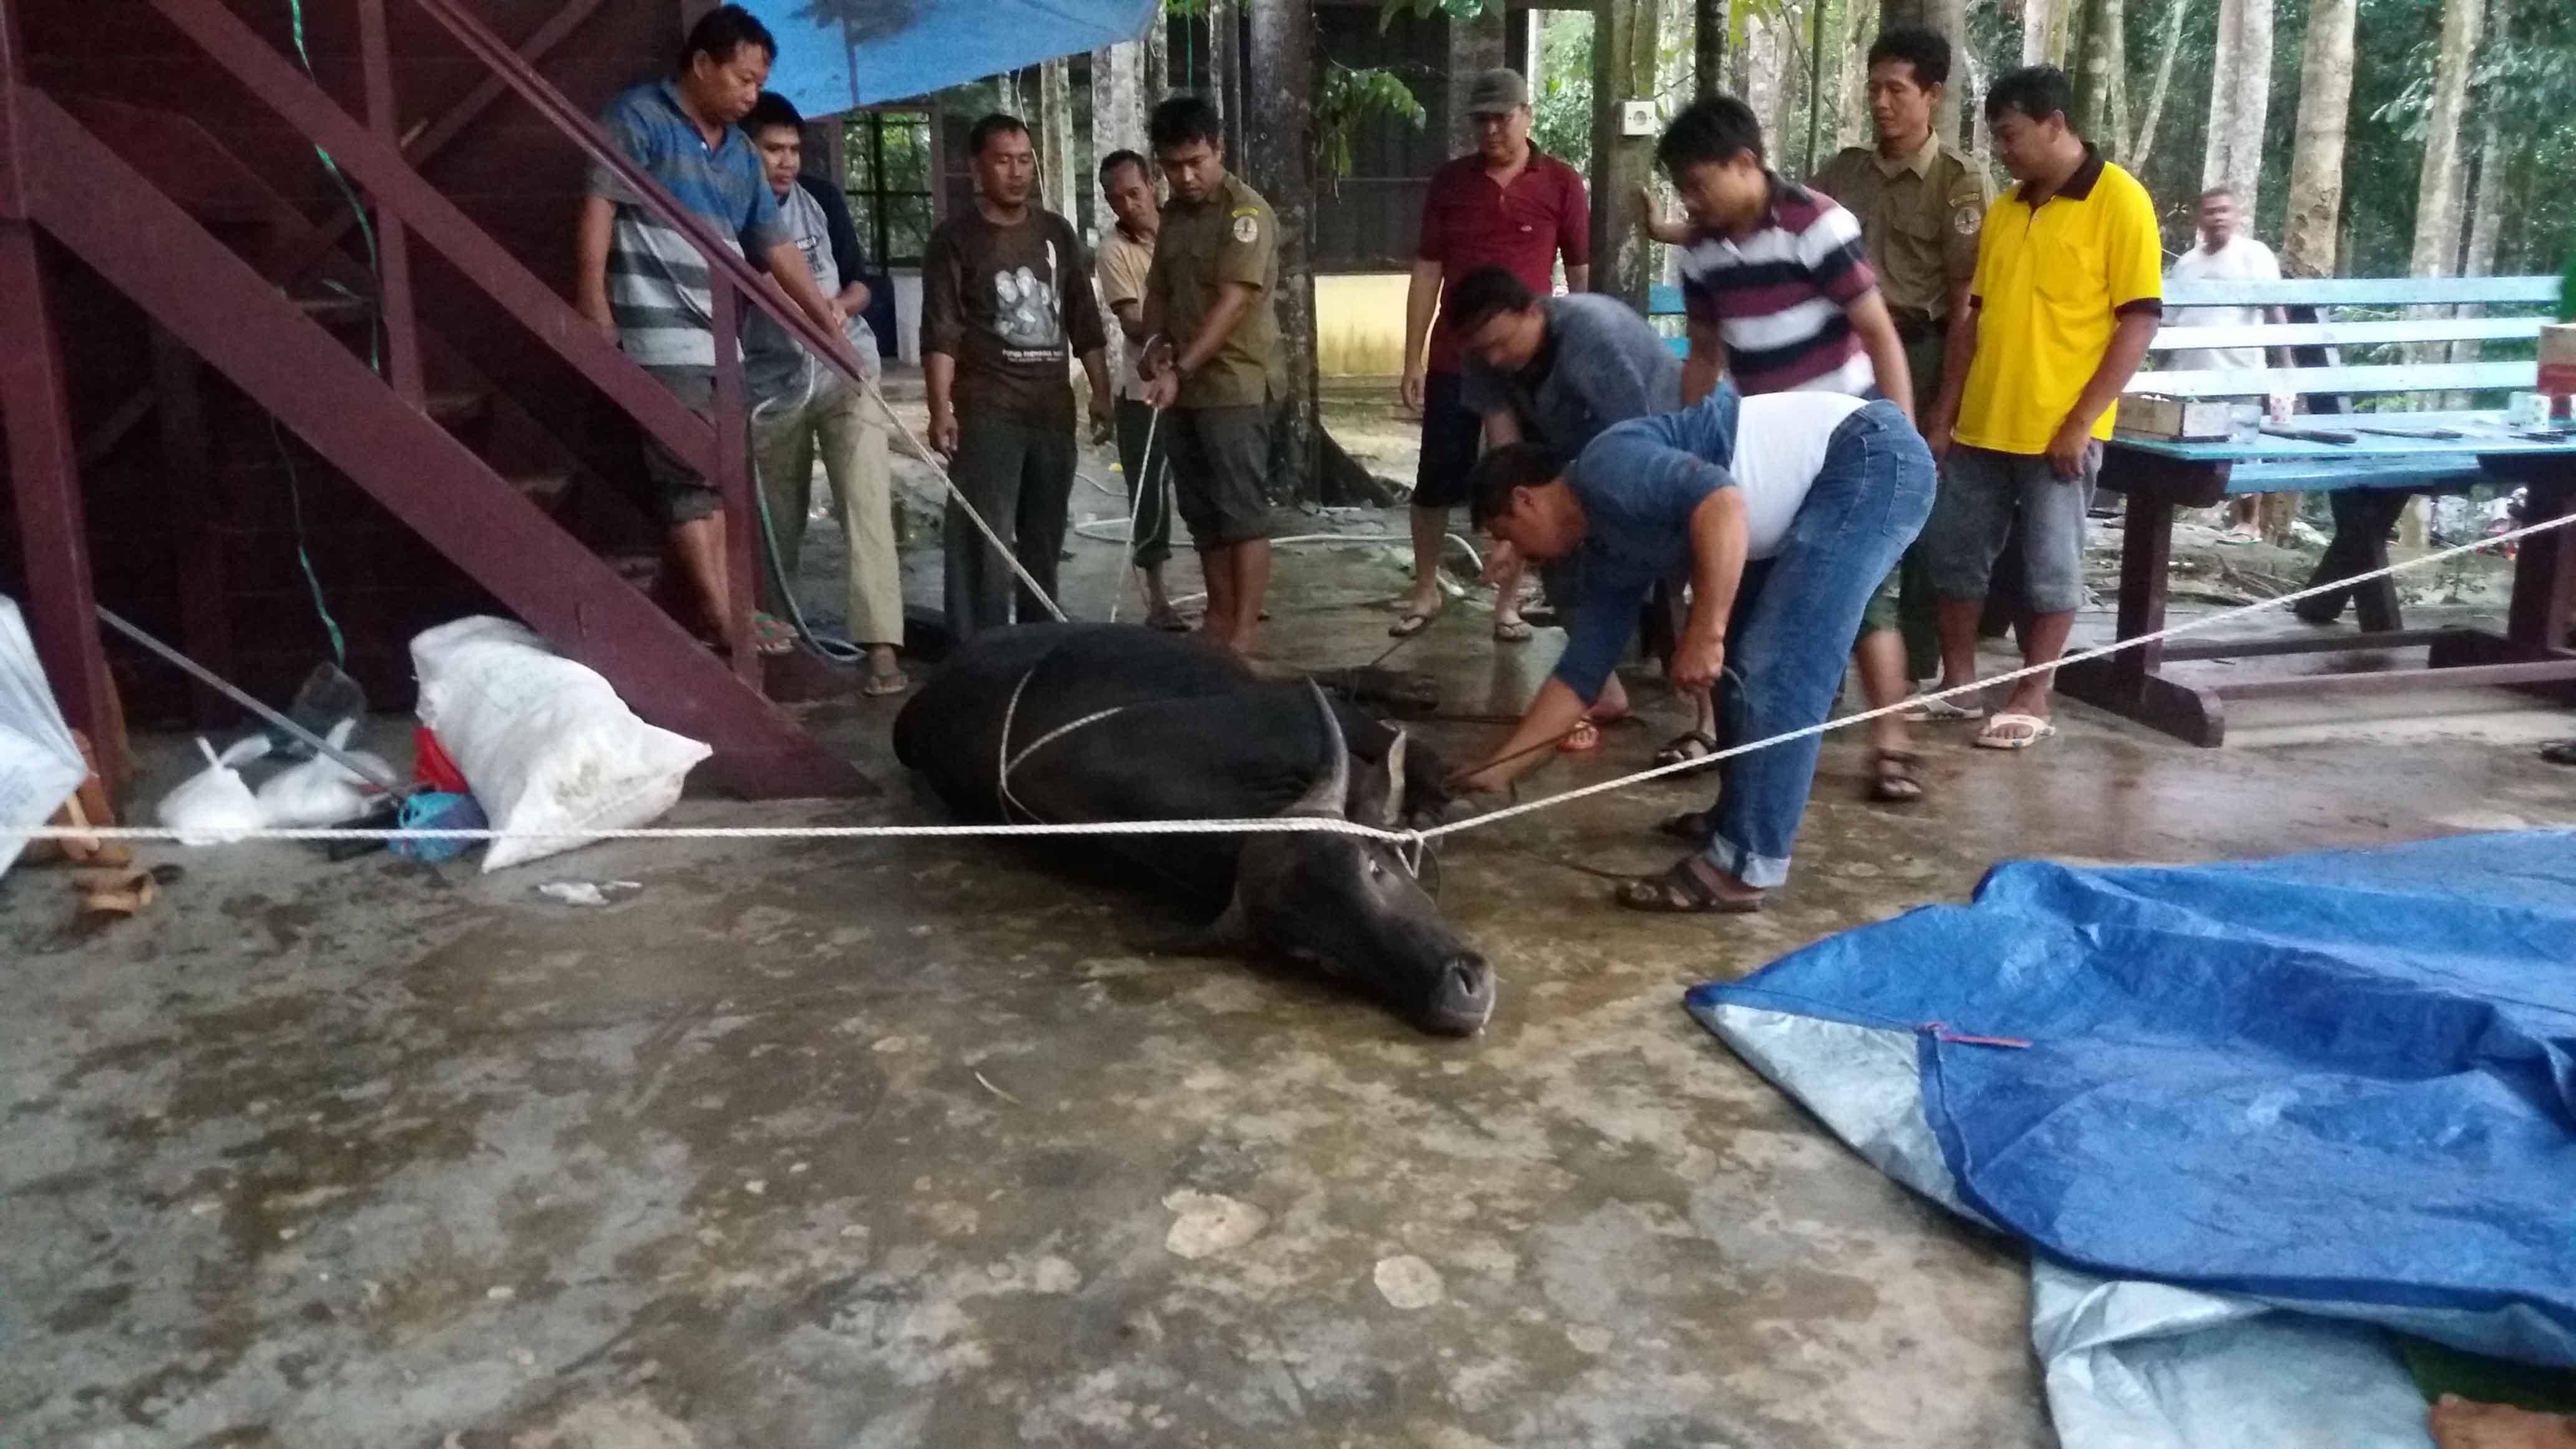 Balitek KSDA membagikan 310 kantong daging kurban kepada warga di sekitar KHDTK Samboja